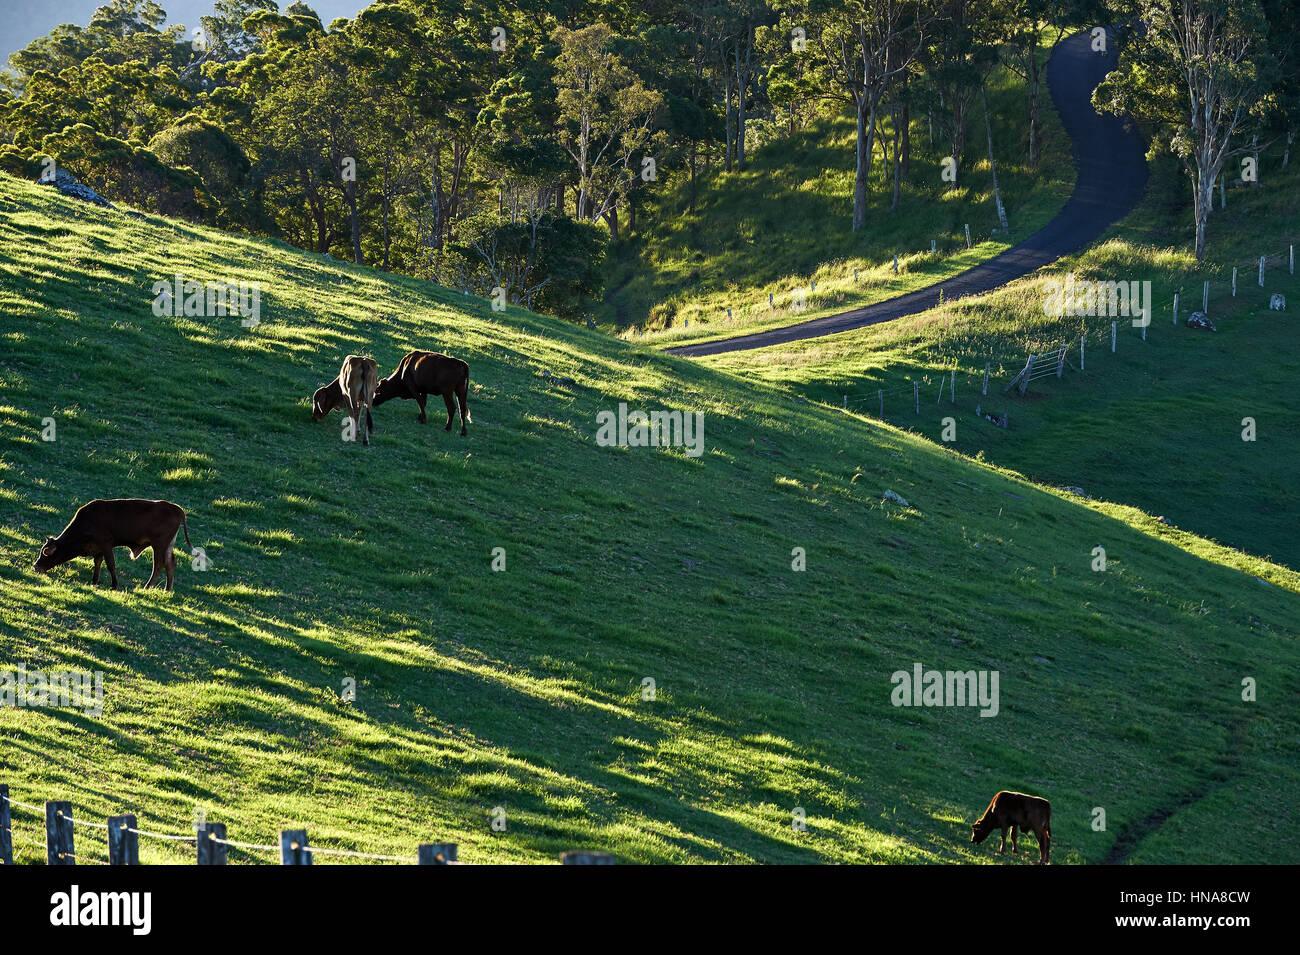 Rinder weiden am Hang mit Bitumen Straße im Hintergrund Stockbild